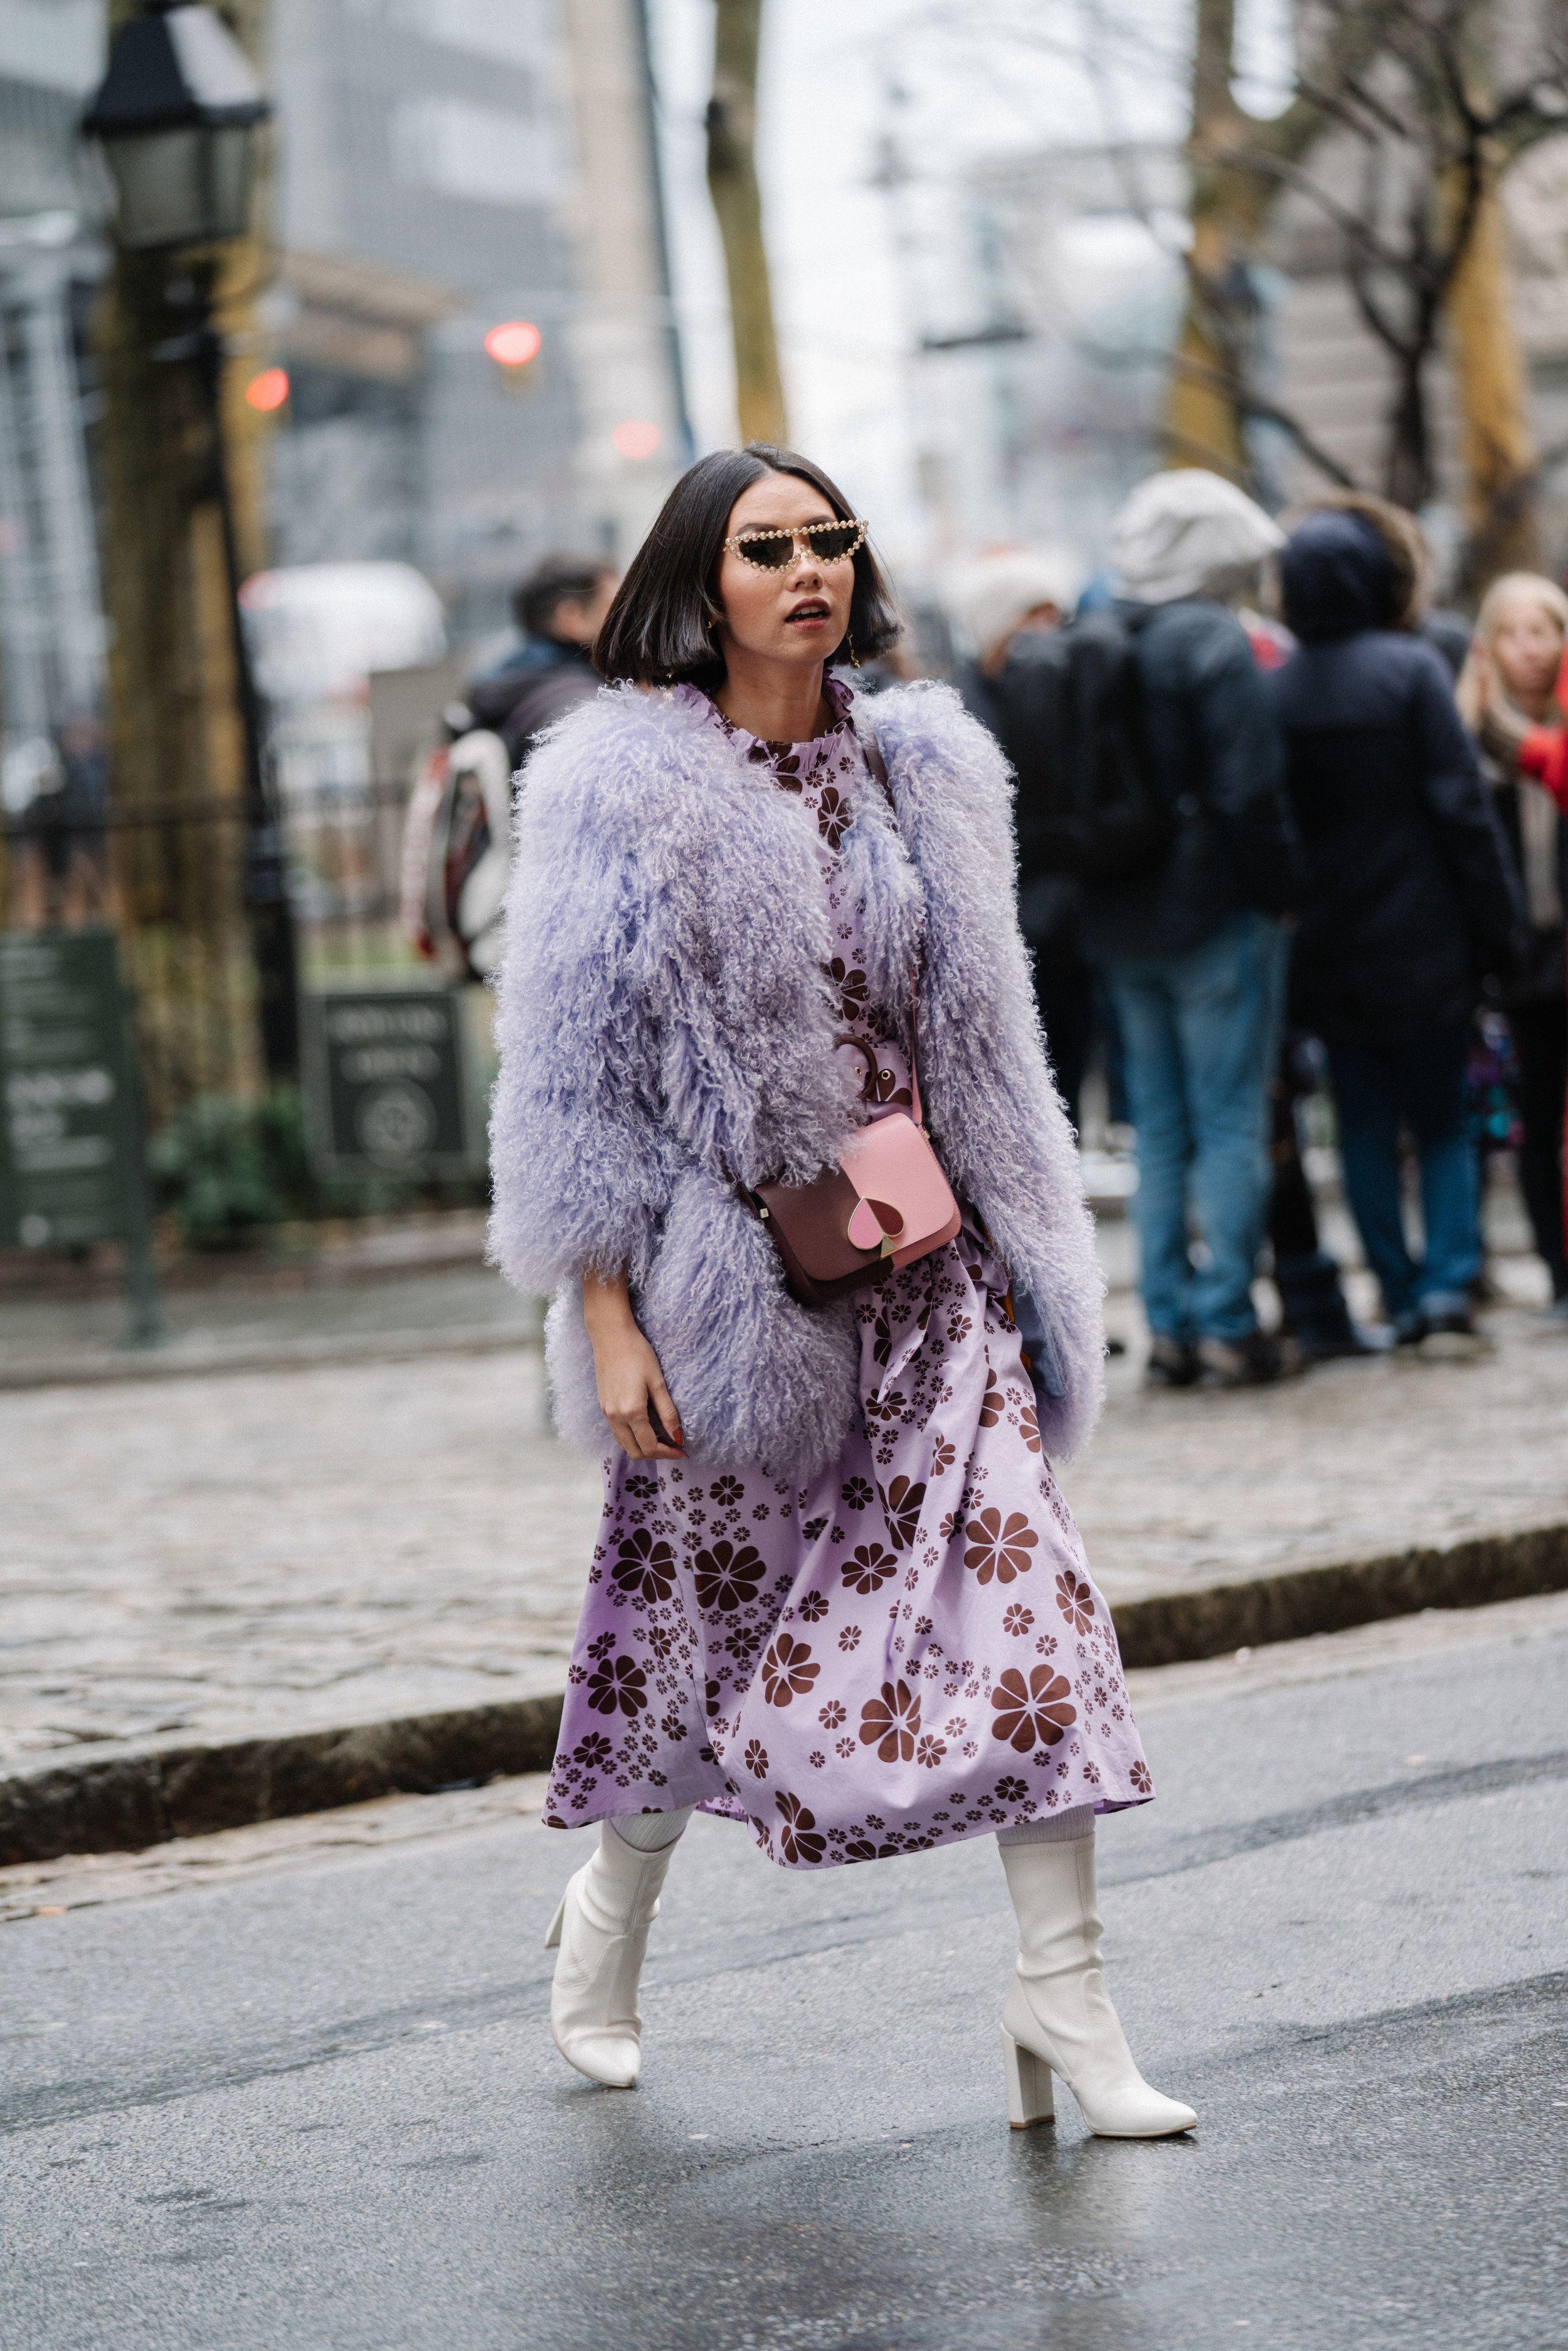 Pin by Selena seulhee park on ᴡᴏᴍᴇɴ's sᴛʀᴇᴇᴛ ғᴀsʜɪᴏɴ in 2019 | Street style women, Fashion ...